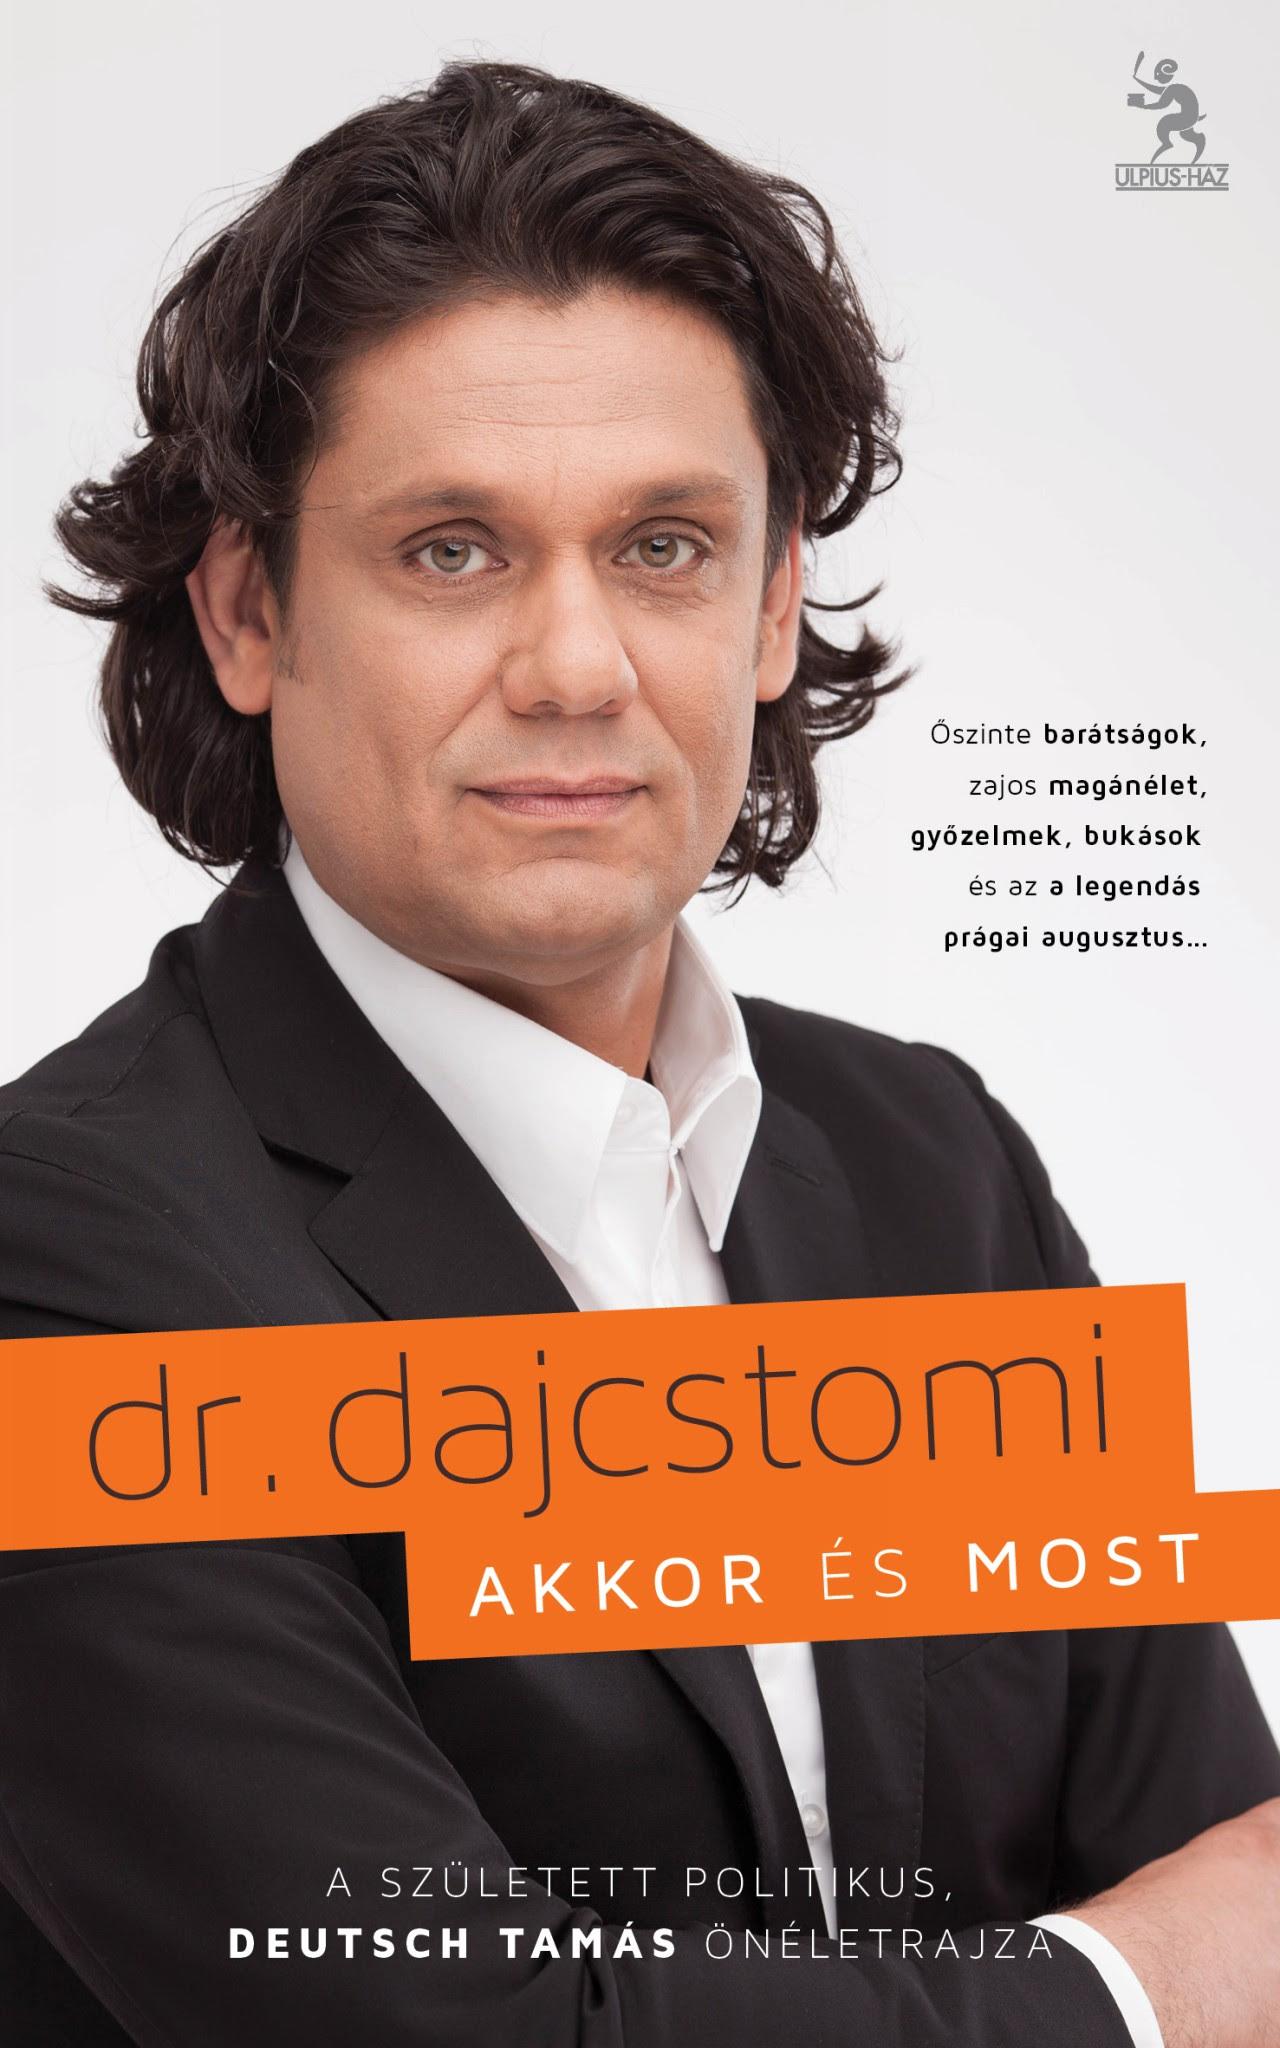 dr. dajcstomi - akkor és most.jpg